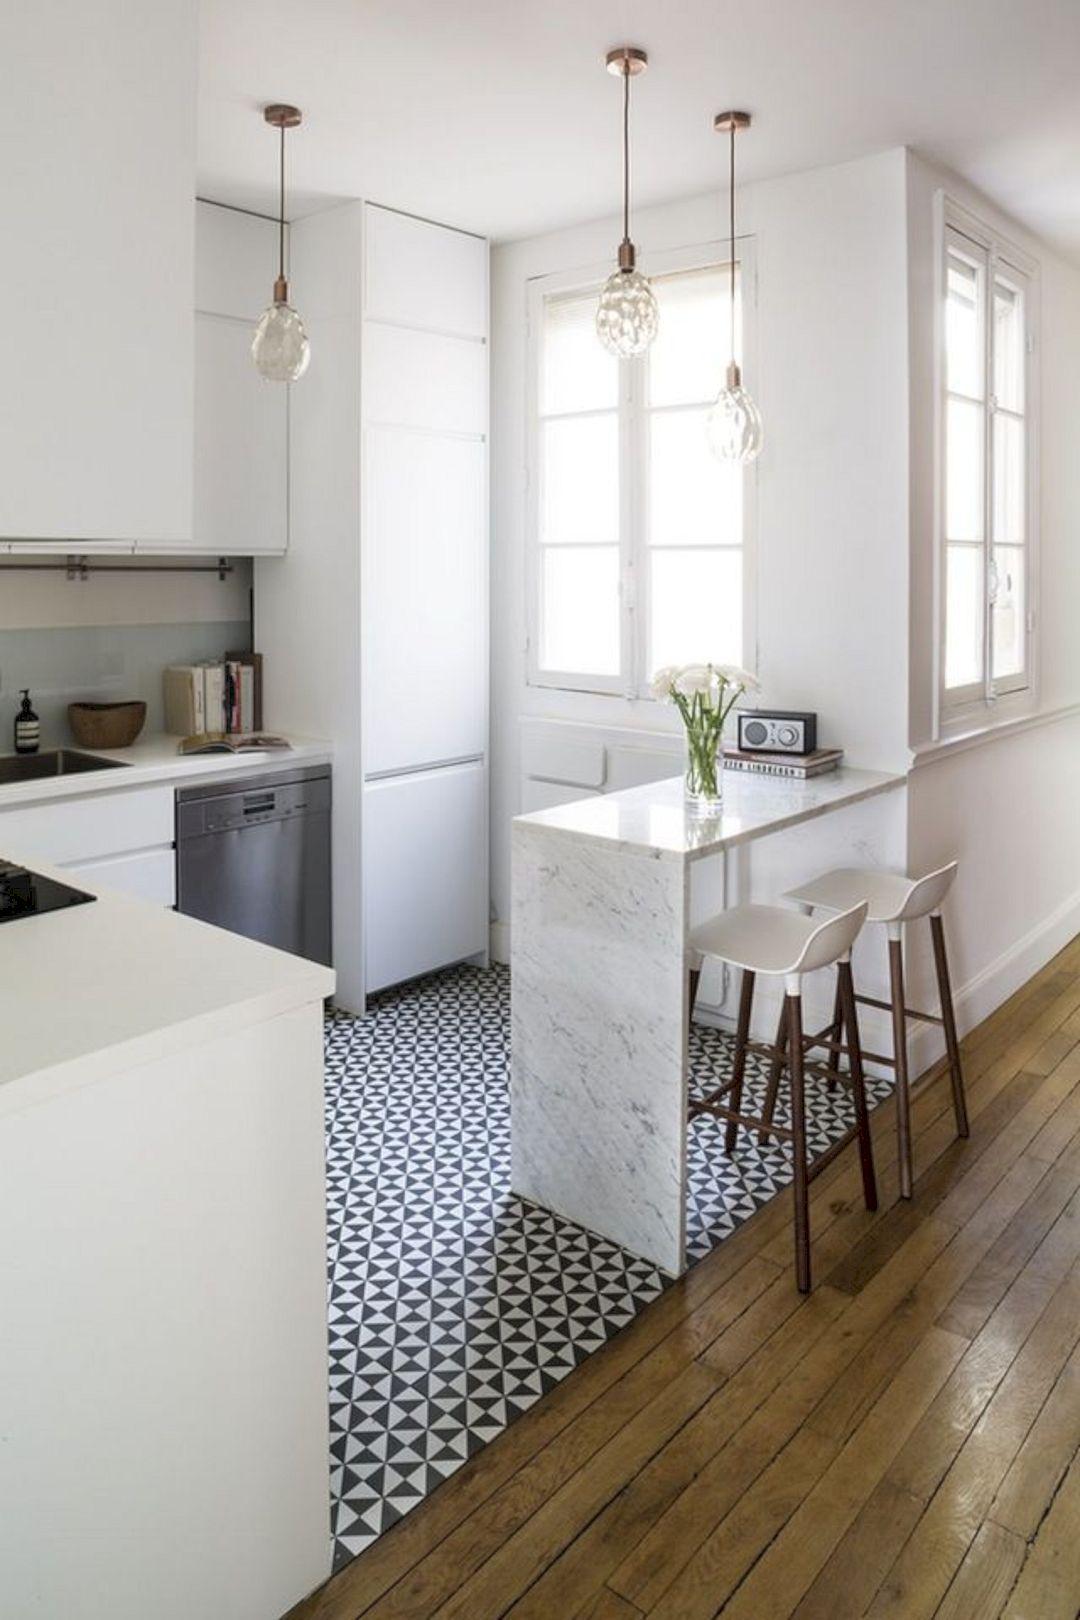 Lieblich Einzigartige Keller Abschlussideen Niedrige Decke Ausgezeichnet.  Großzügig Jordan Möbel Küchensets Zeitgenössisch Ideen Für Die